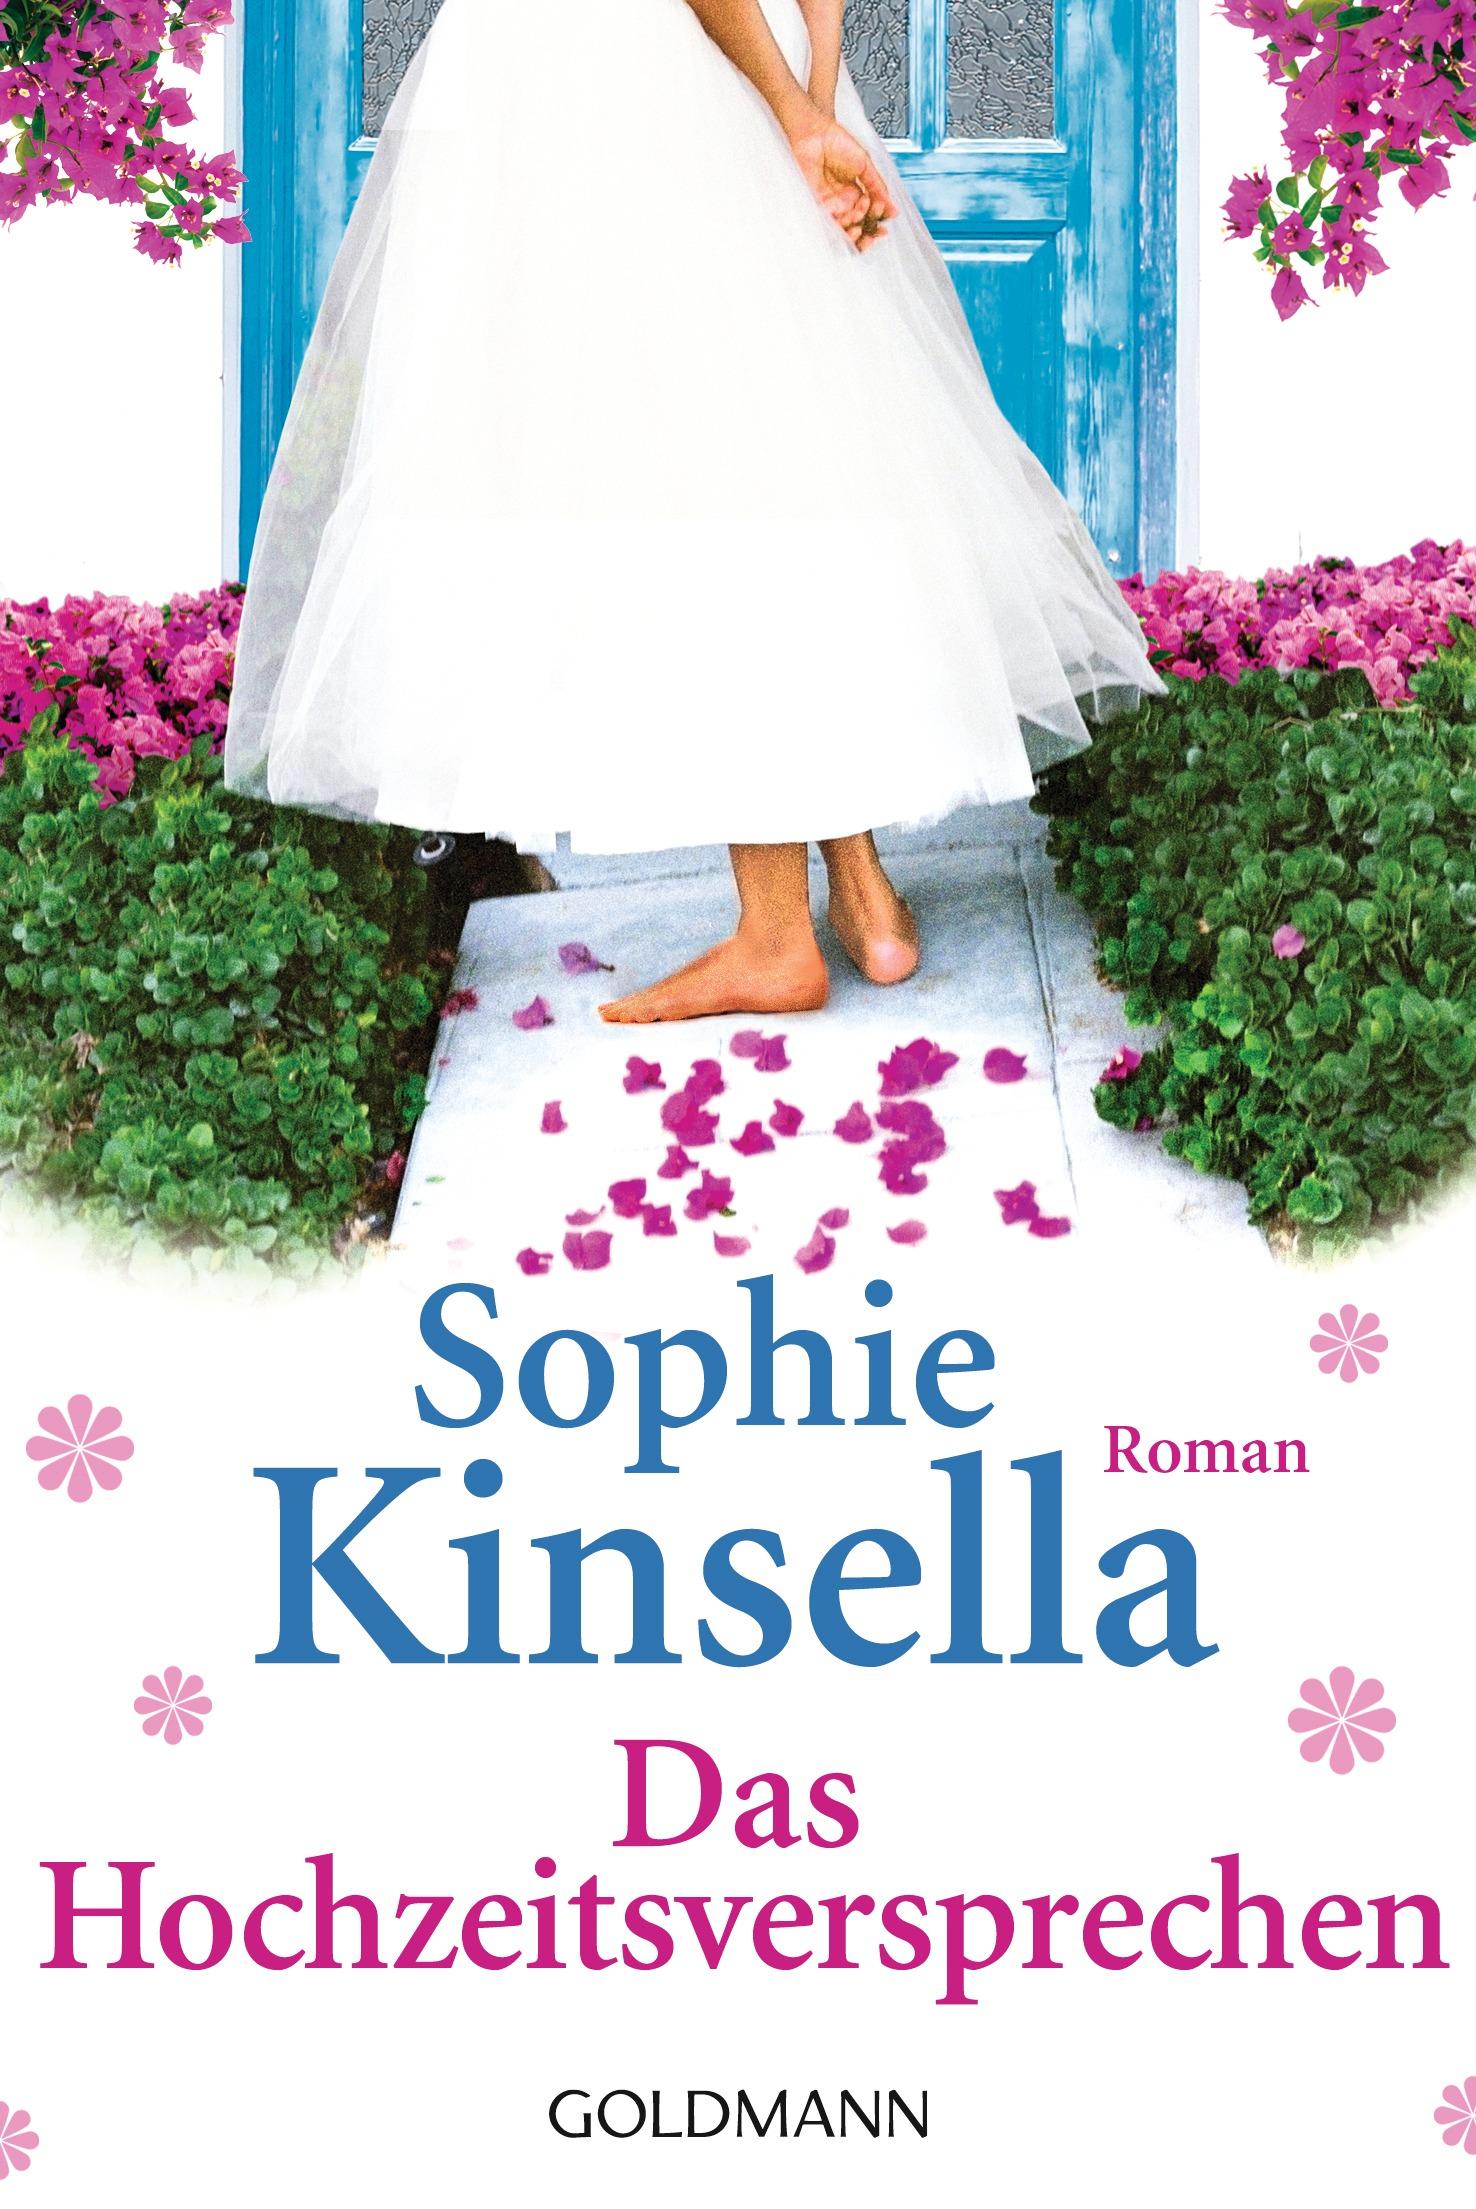 Das Hochzeitsversprechen - Sophie Kinsella